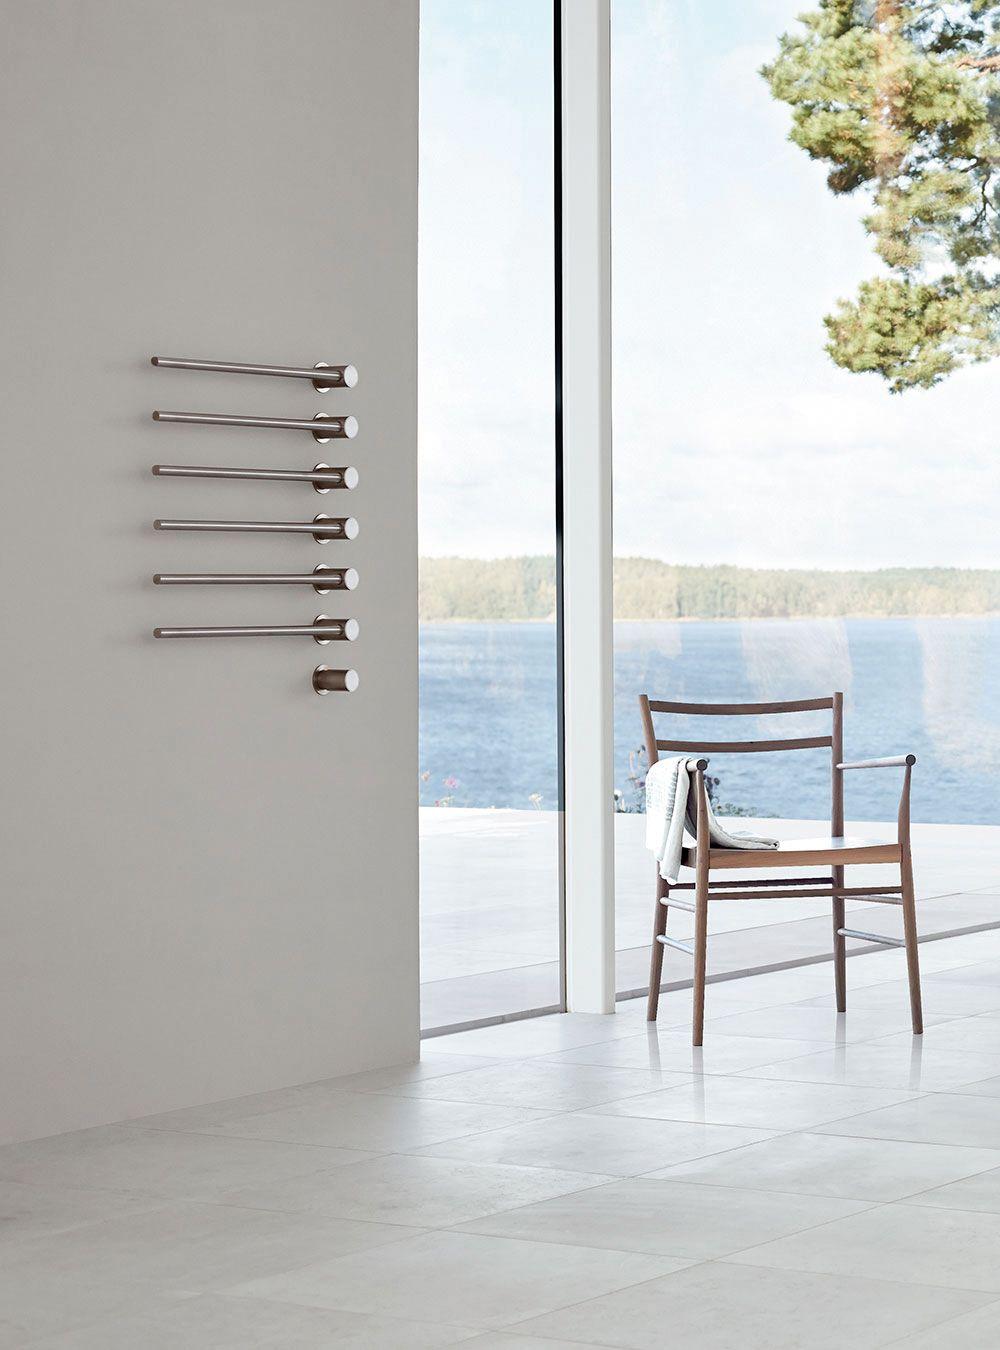 Salle De Bains Chauffage Seche Serviettes Vola T39el Met Afbeeldingen Handdoek Warmer Scandinavisch Design Badkamer Radiator